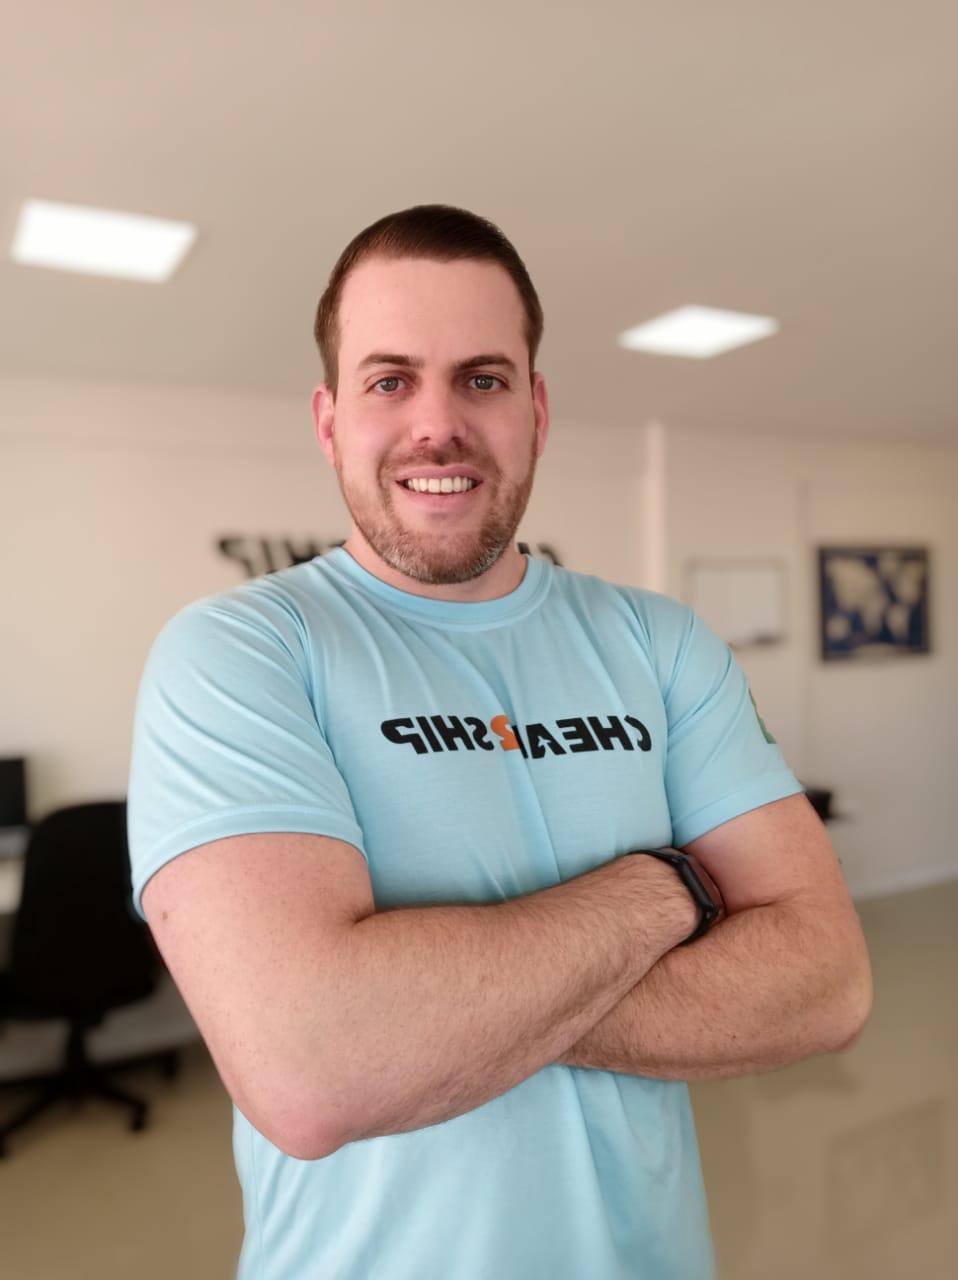 Na foto há Jociano Motta, CEO da CEO da Cheap2Ship, com uma camiseta azul que contém a logo da empresa.